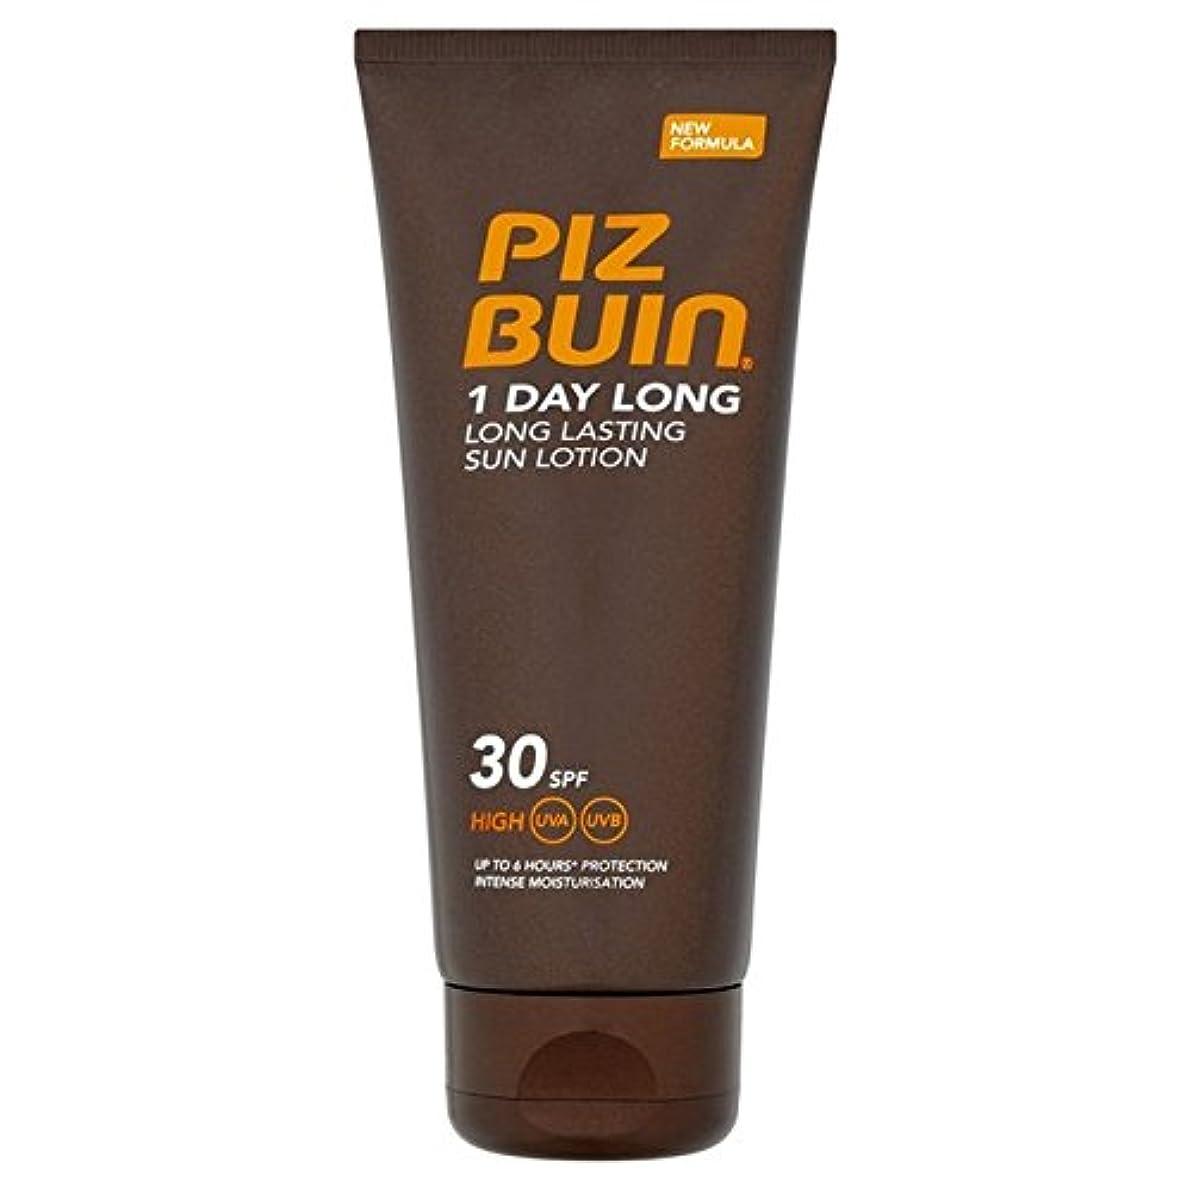 スプレーレジ町Piz Buin 1 Day Long Protection Lotion SPF 30 100ml - ピッツブーイン1日長い保護ローション 30 100ミリリットル [並行輸入品]